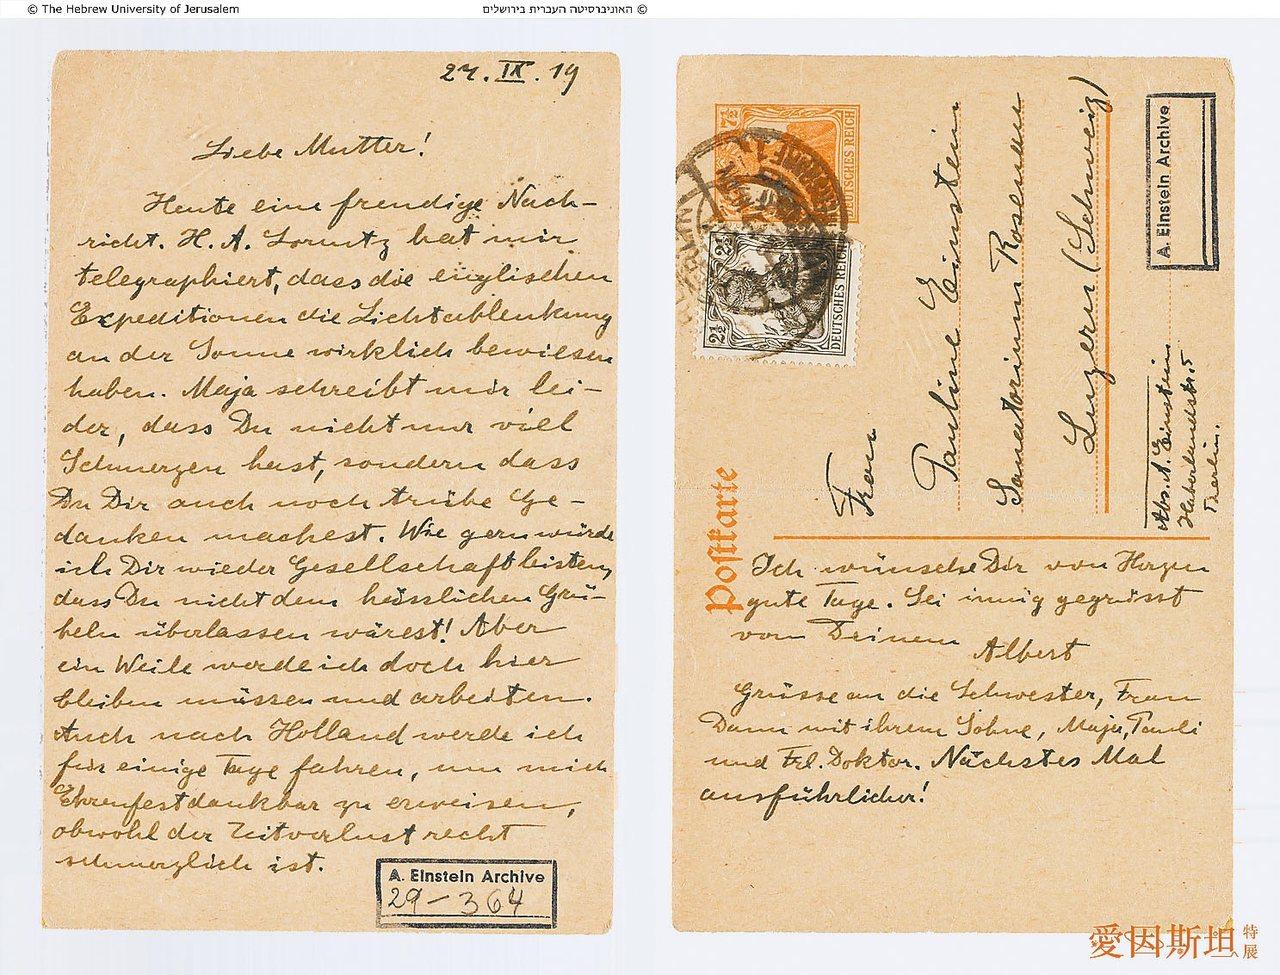 愛因斯坦寫給母親關於研究成功的明信片。 圖/希伯來大學愛因斯坦檔案室提供